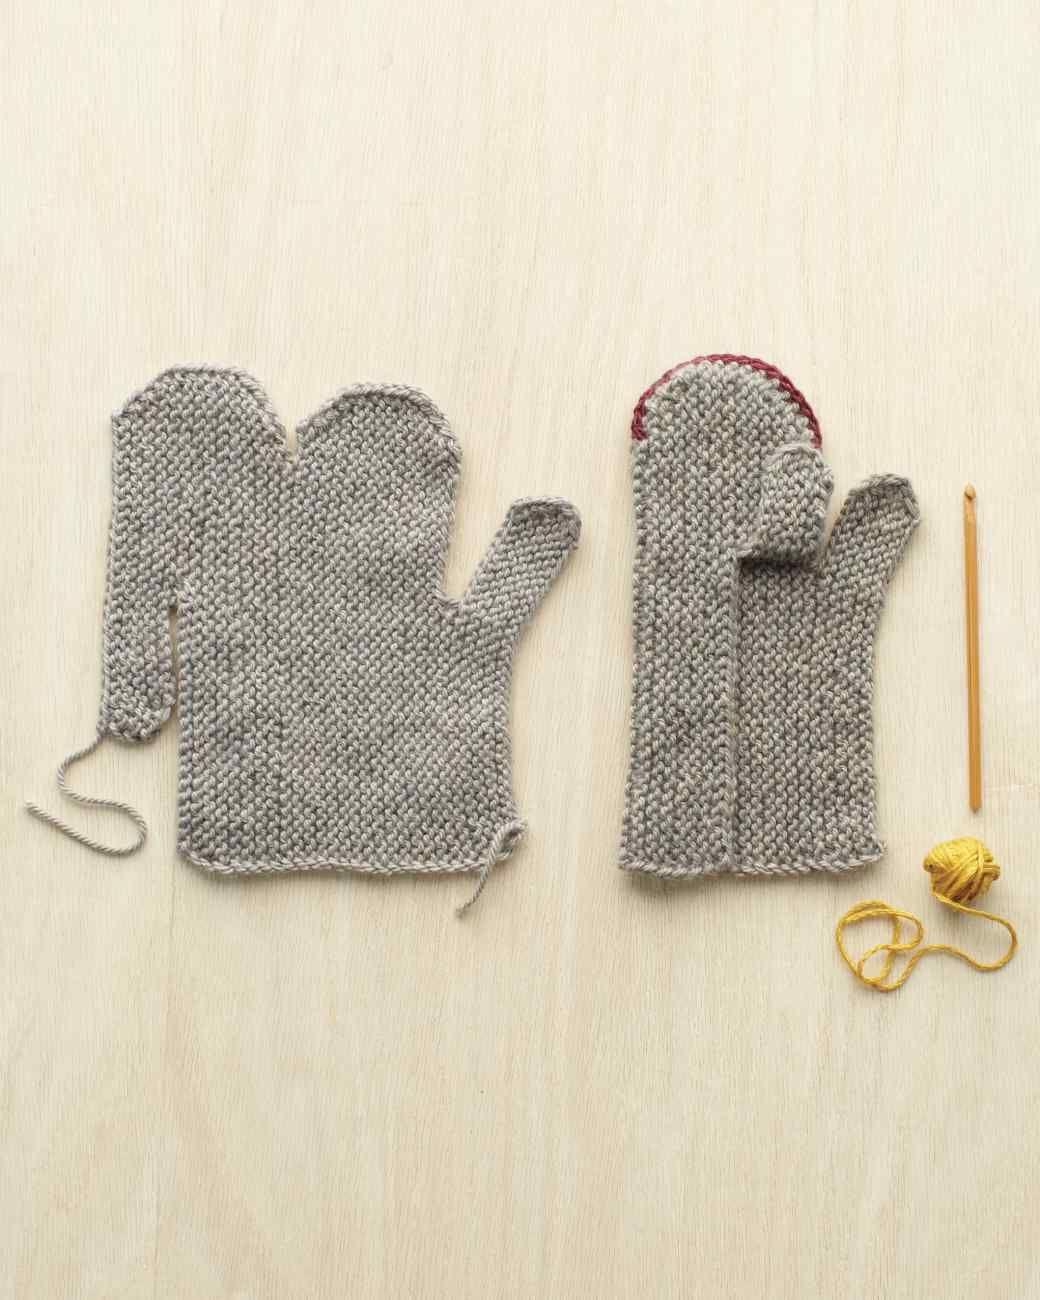 Pin de Hanne Iversen en hækle og strikke | Pinterest